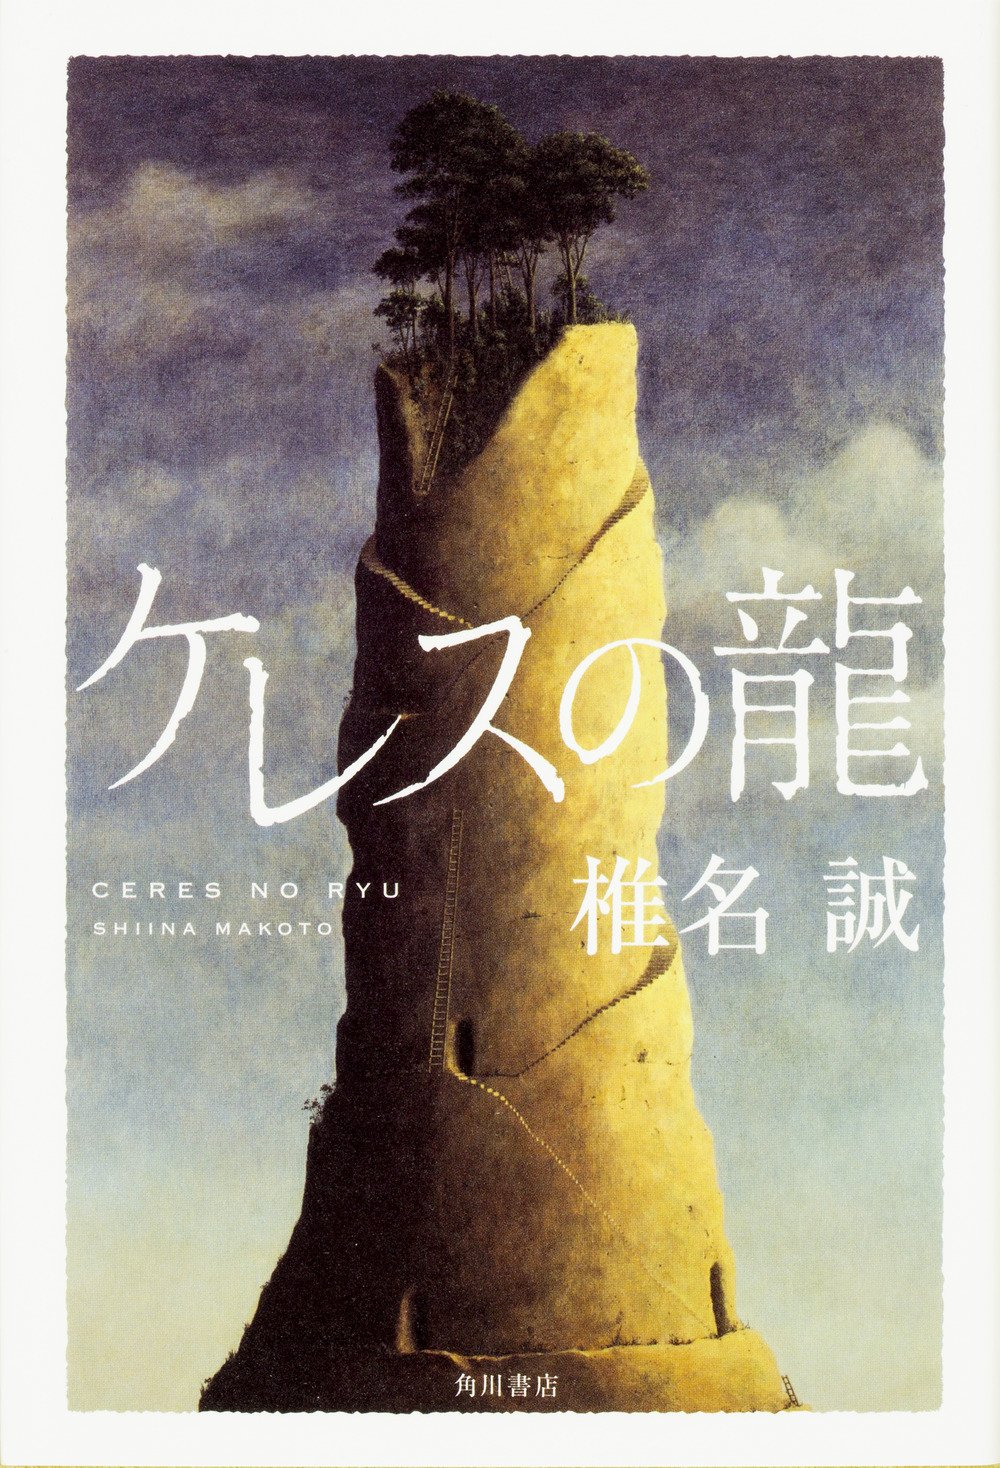 椎名誠『ケレスの龍』(角川書店)